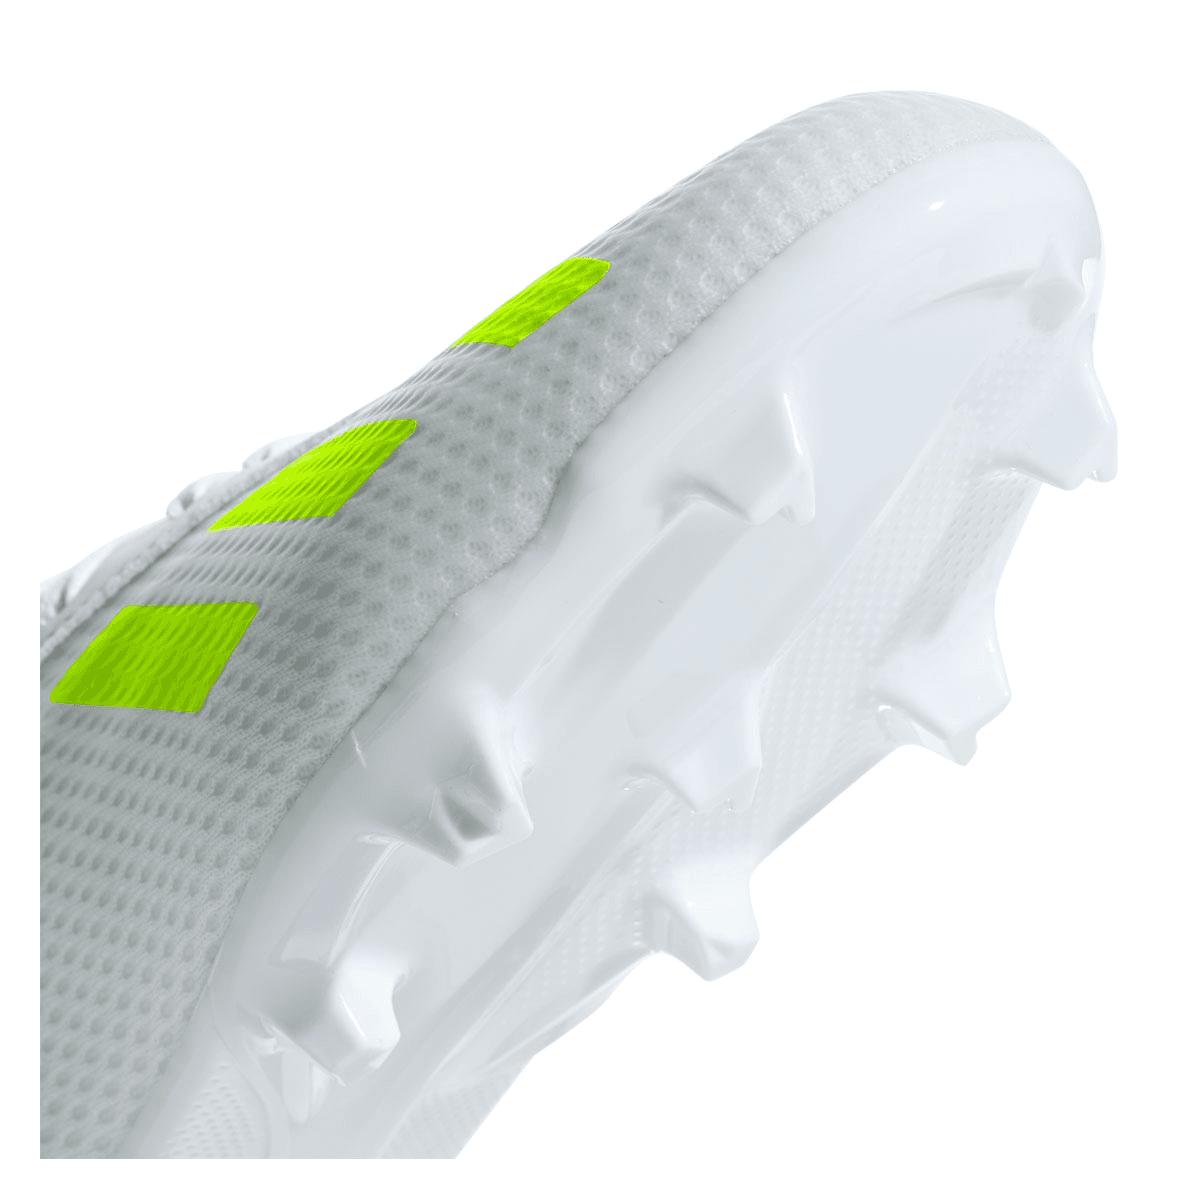 adidas Kinder Fußballschuh X 18.3 FG J weißgelb fluo